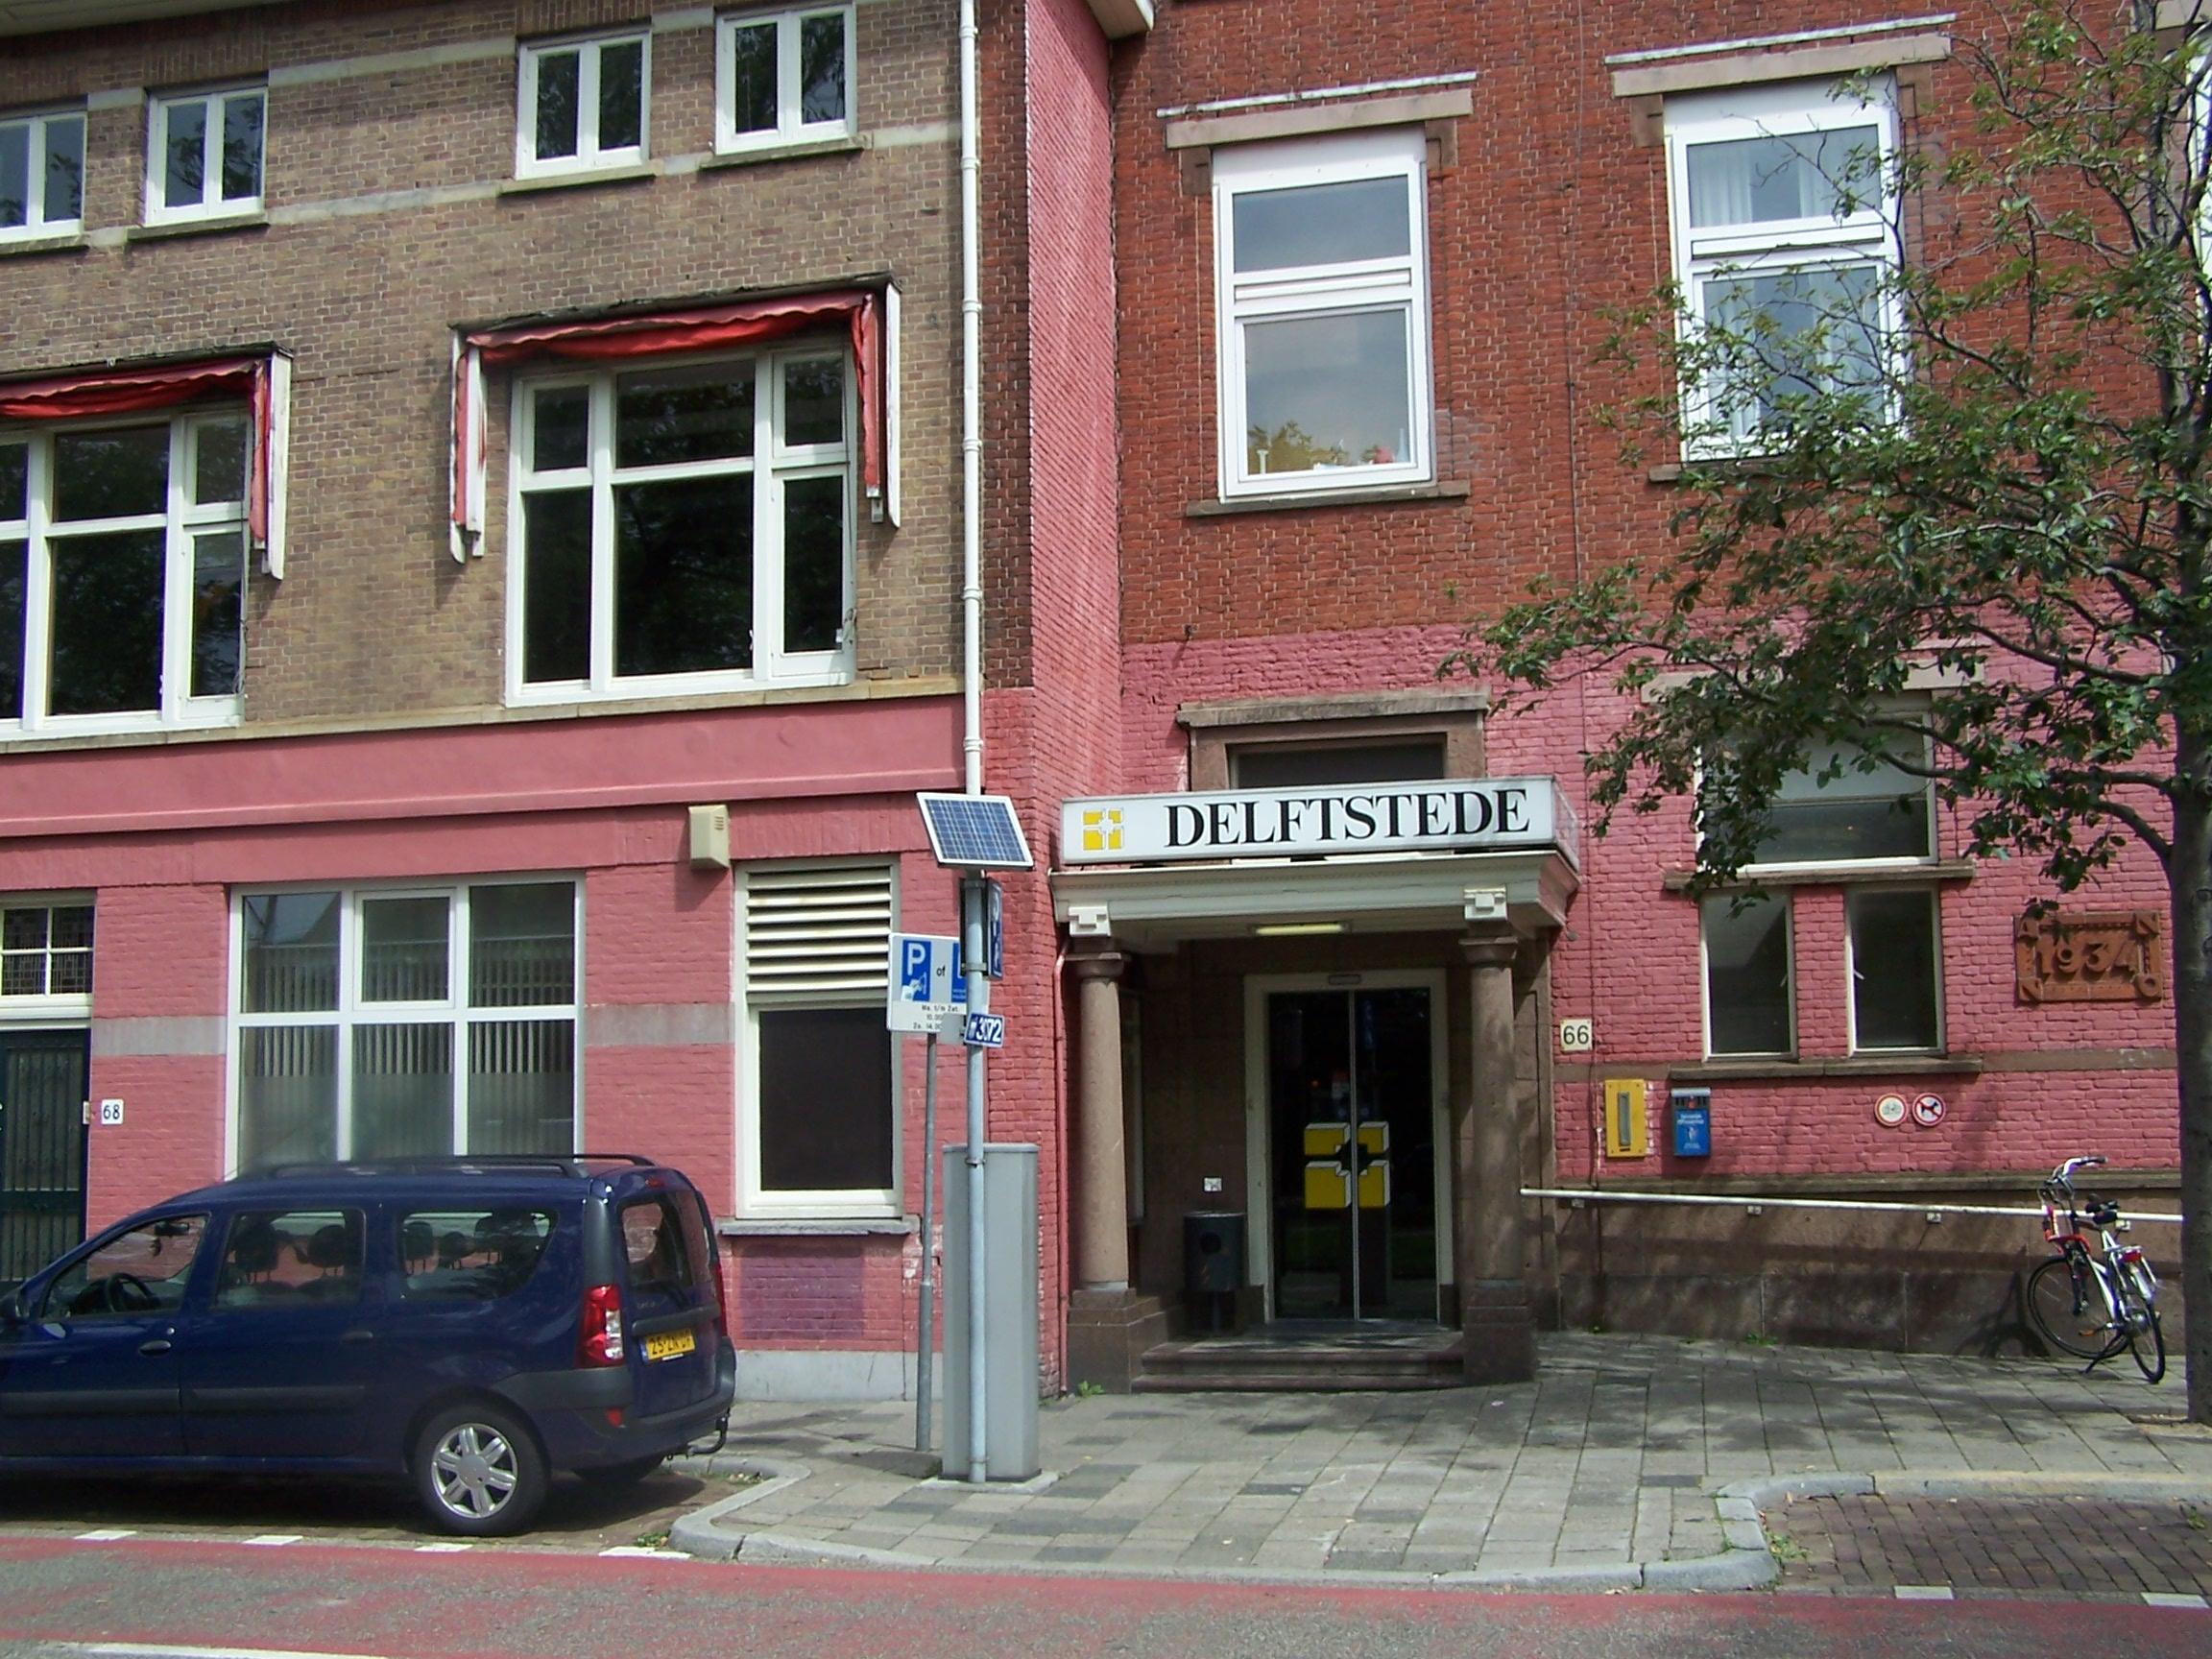 Bedrijfsruimte Delft Phoenixstraat 66